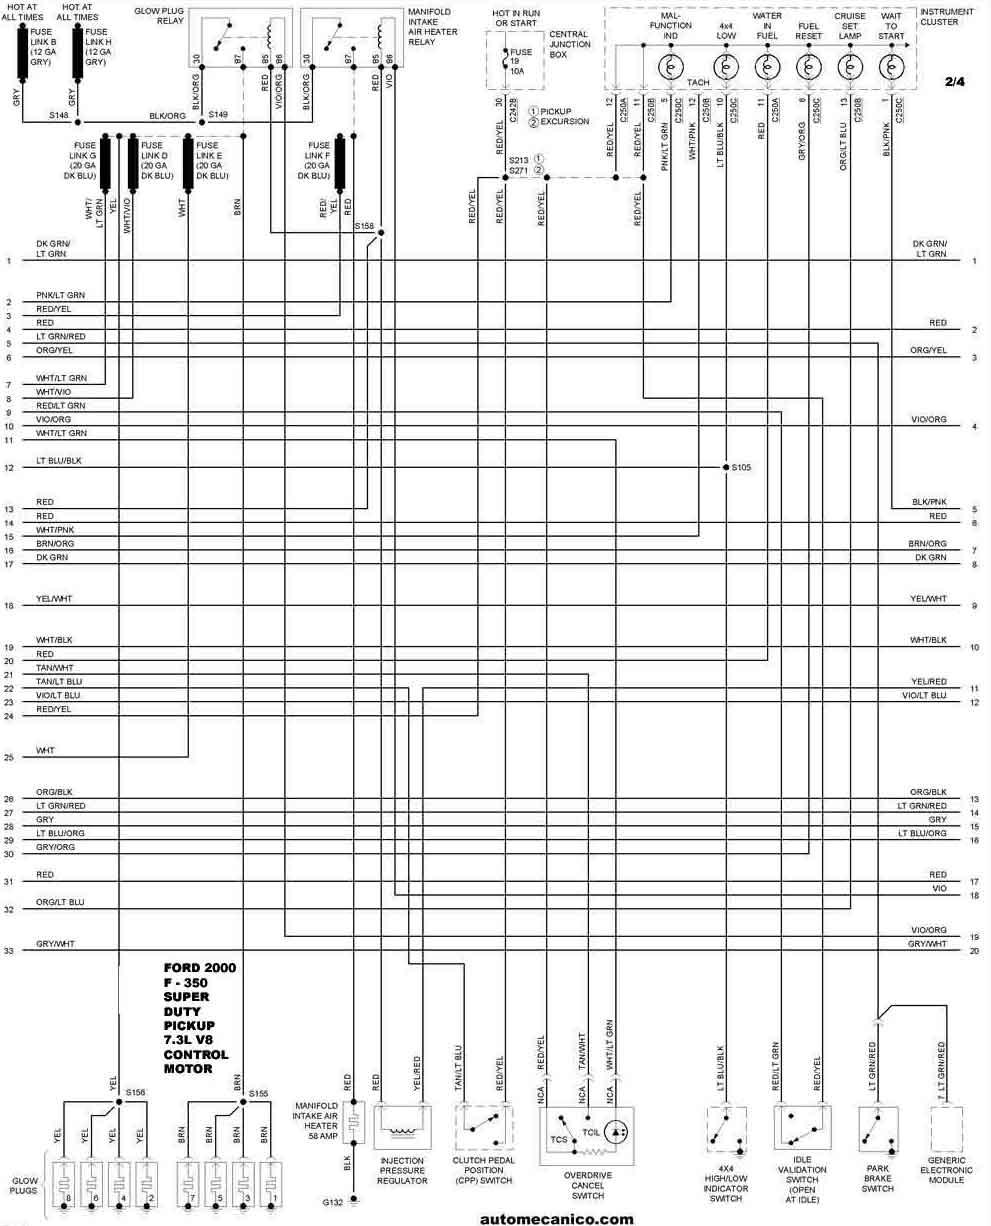 ford 2000 - diagramas control del motor